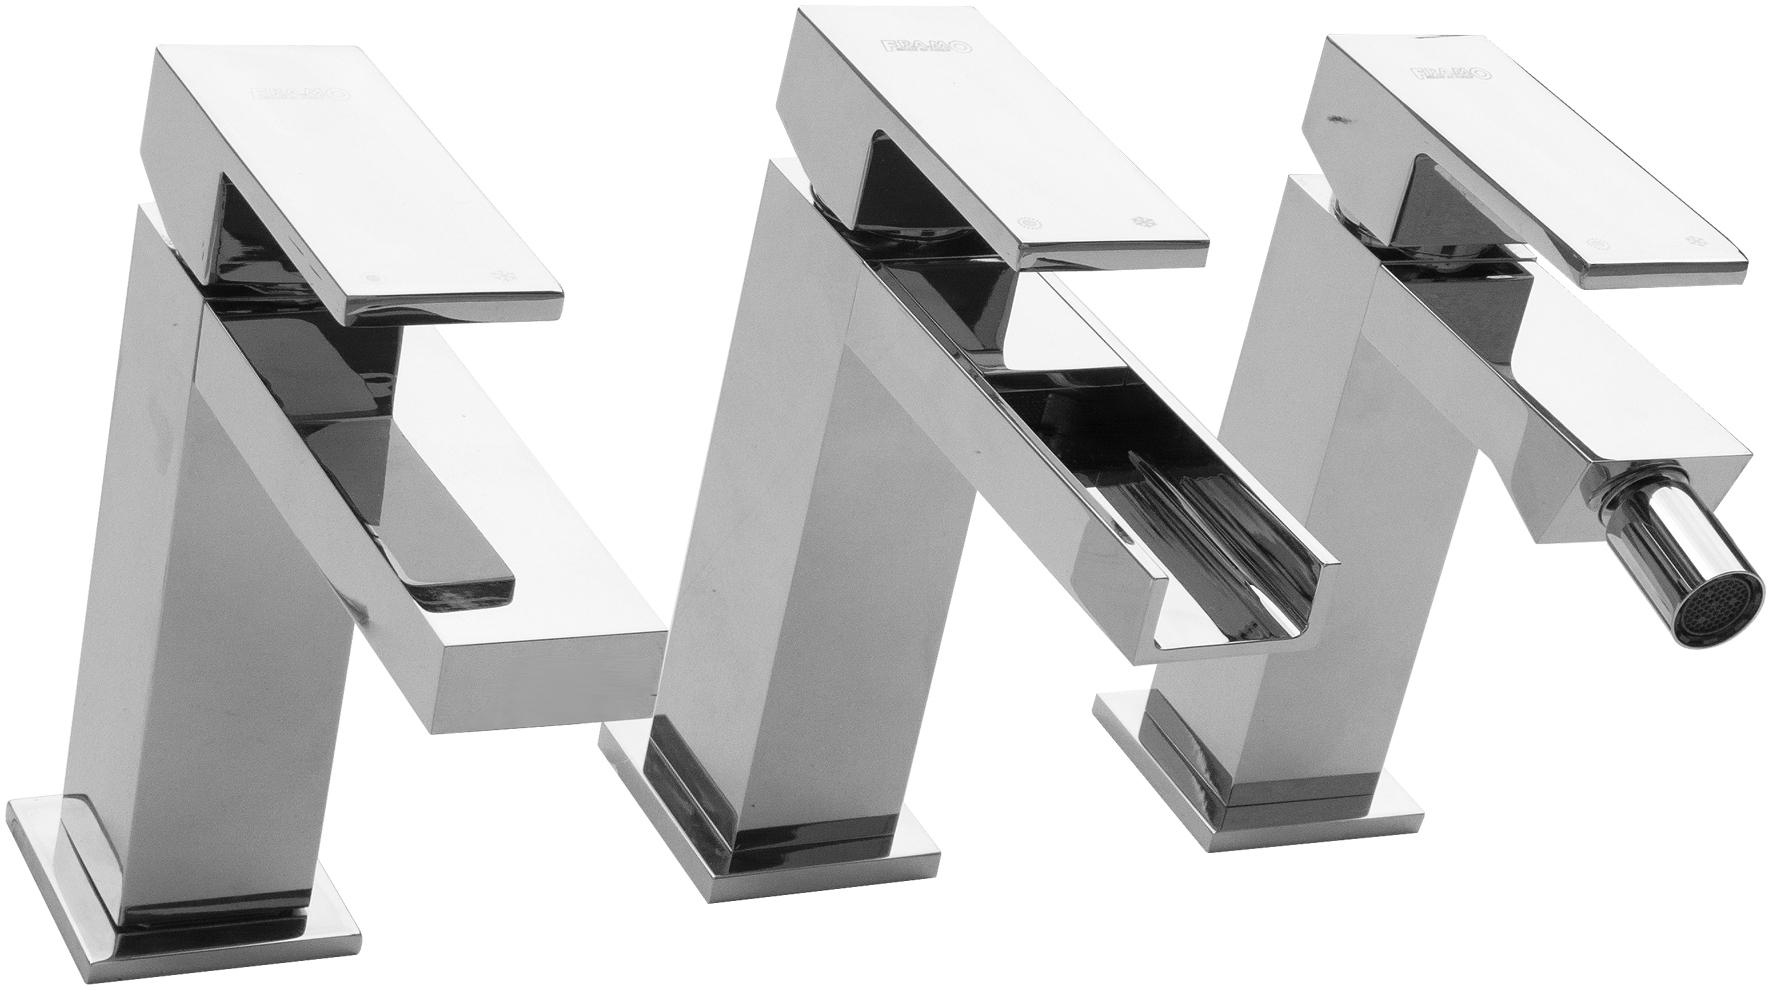 FRAMO rubinetterie serie UPPER leccellenza del Made in Italy al prezzo giusto  ARREDOBAGNO NEWS